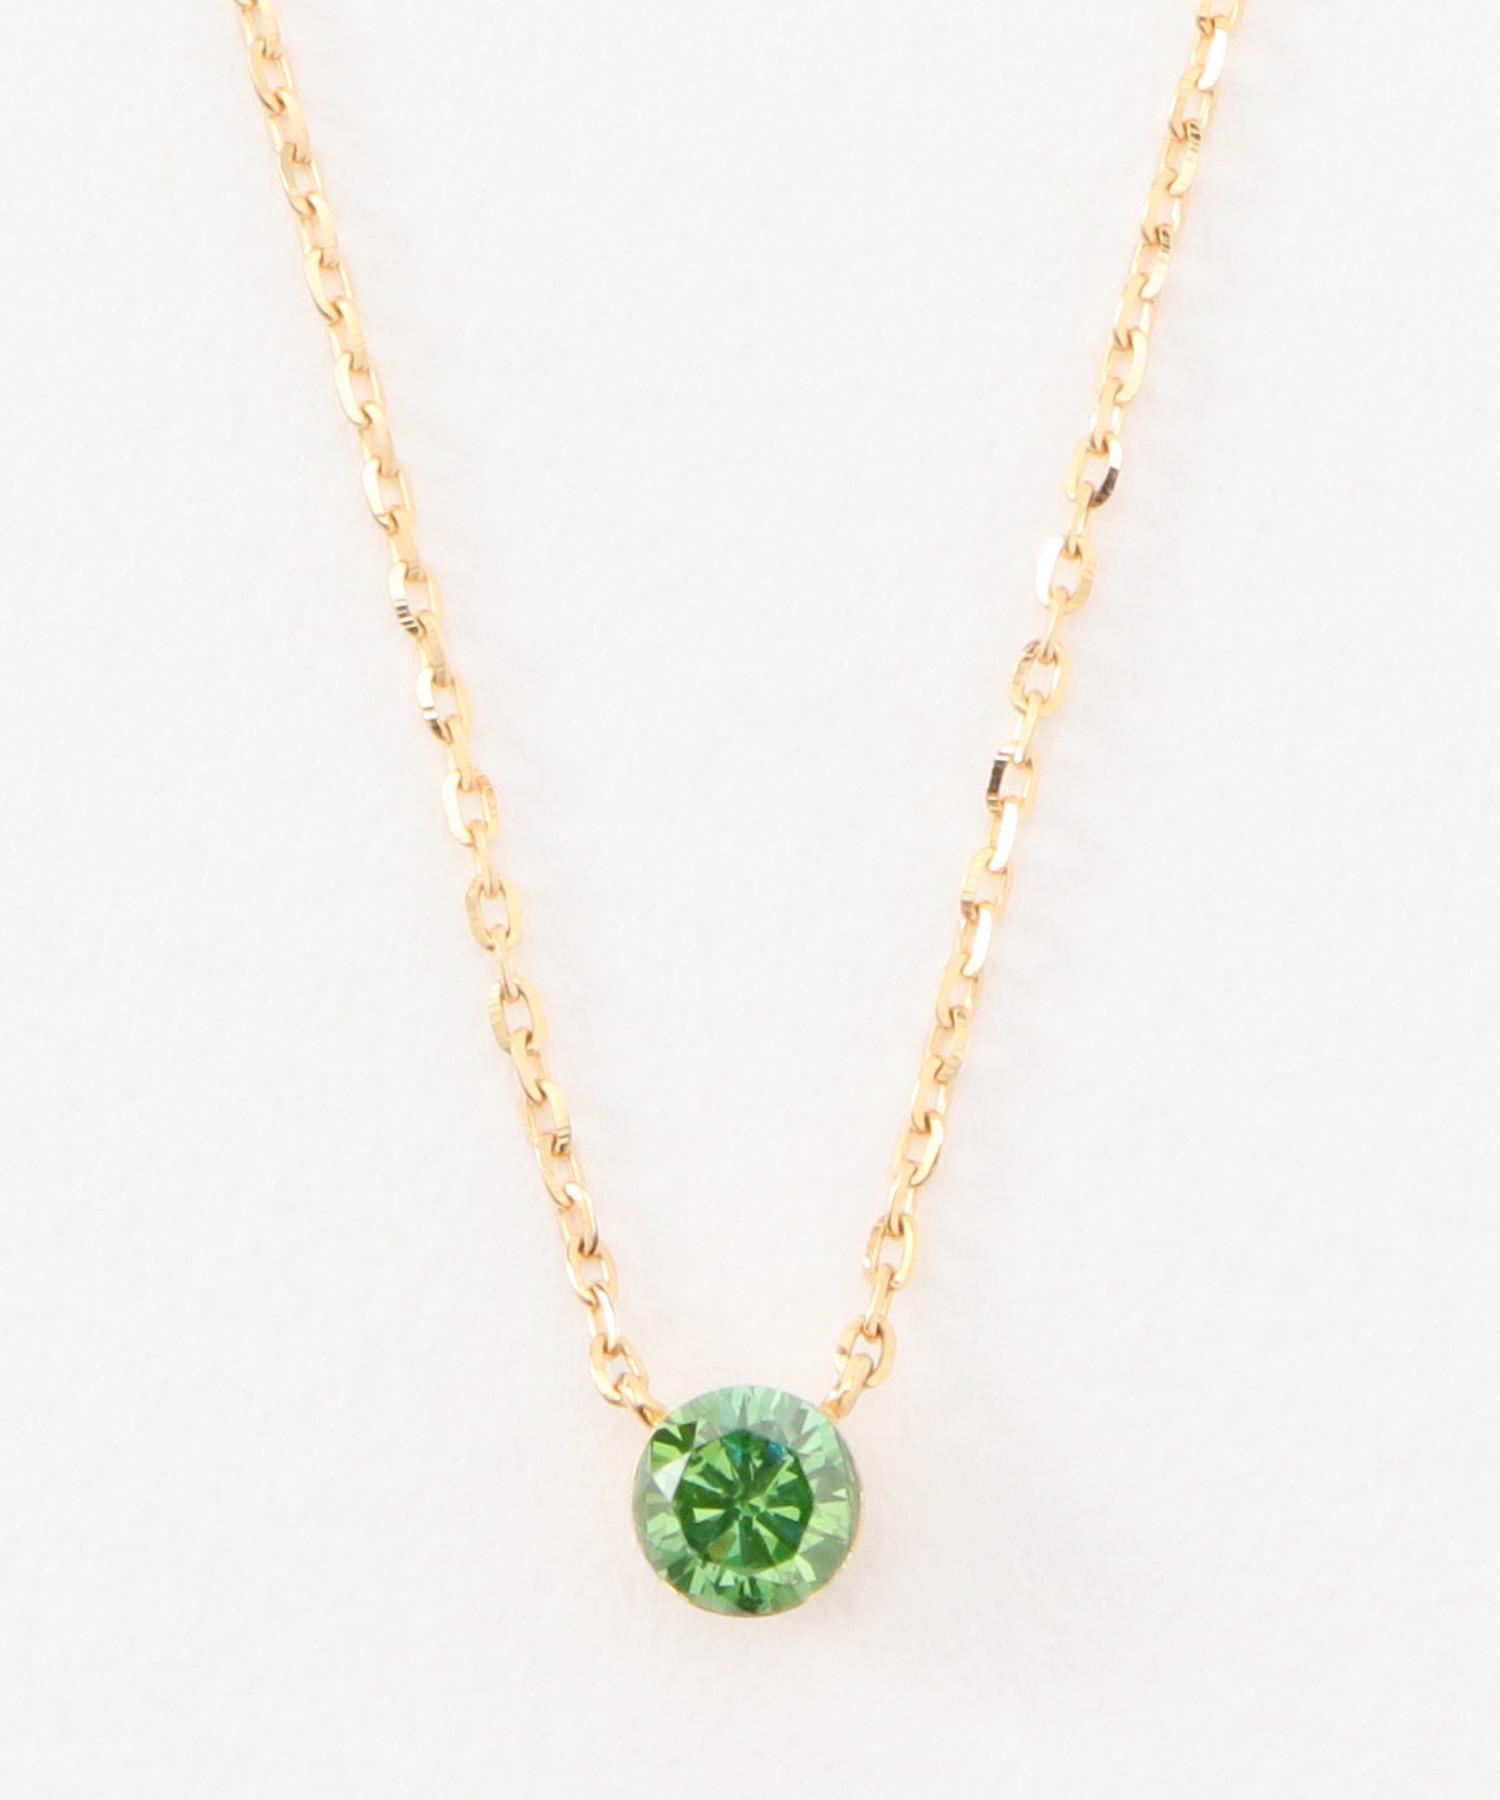 K18カラーダイヤモンドネックレス